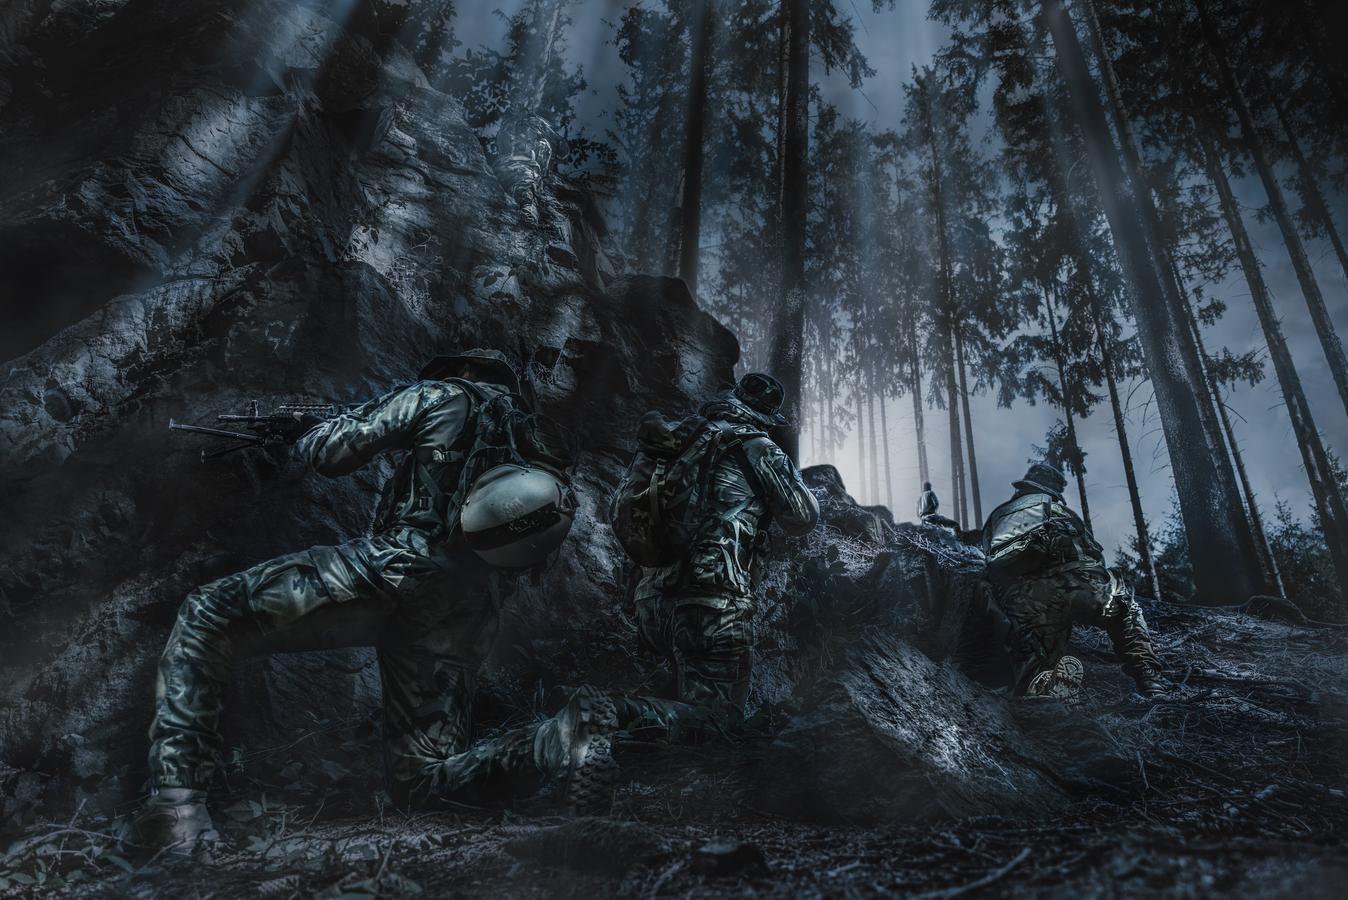 Osvobození vojáka z rukou teroristů